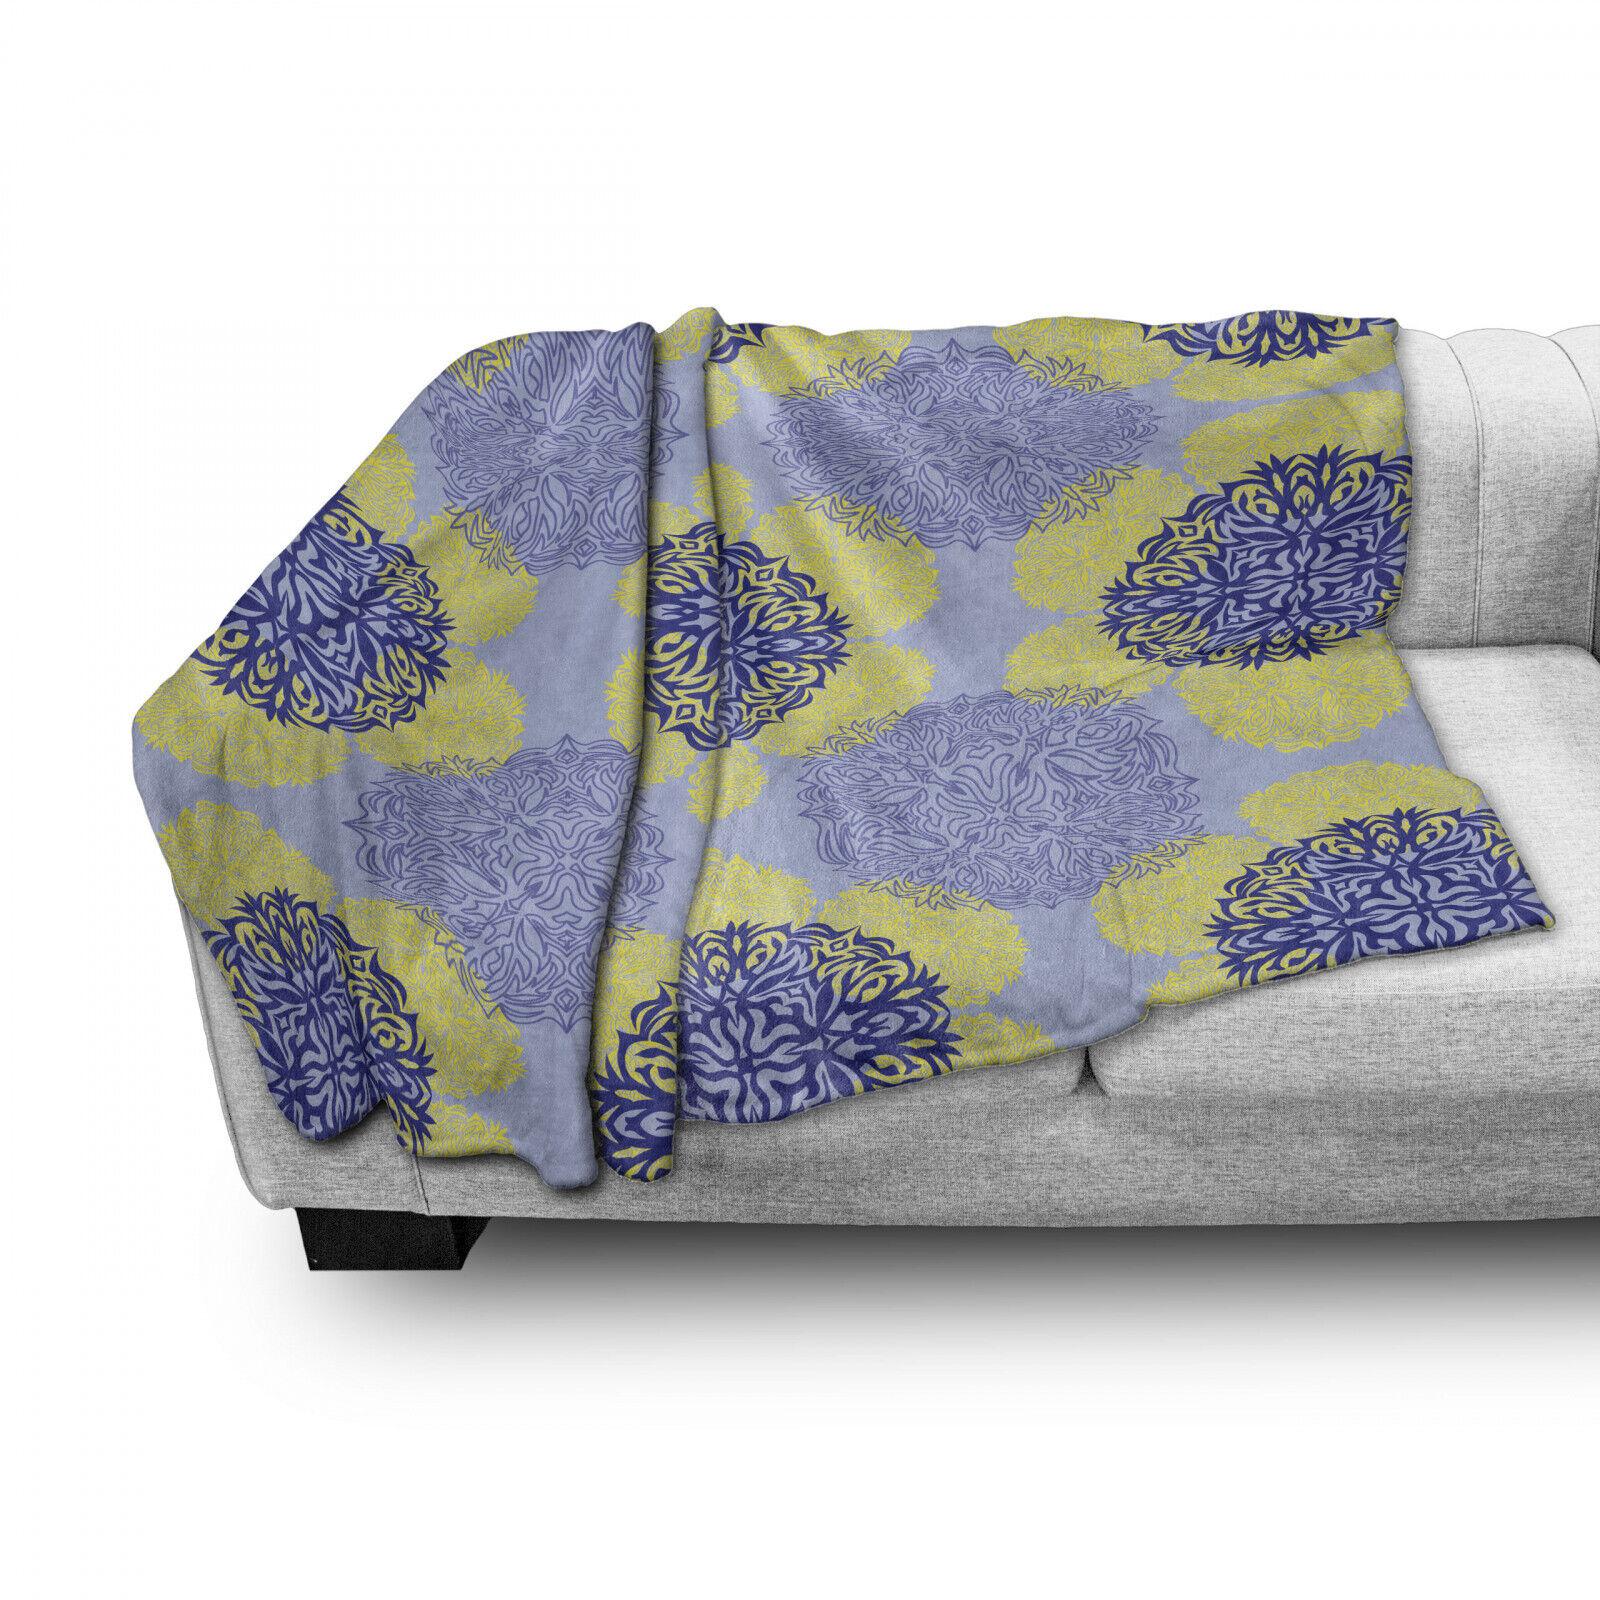 Geometrisch Weich Flanell Fleece Decke Asian Style Kunst Symbole